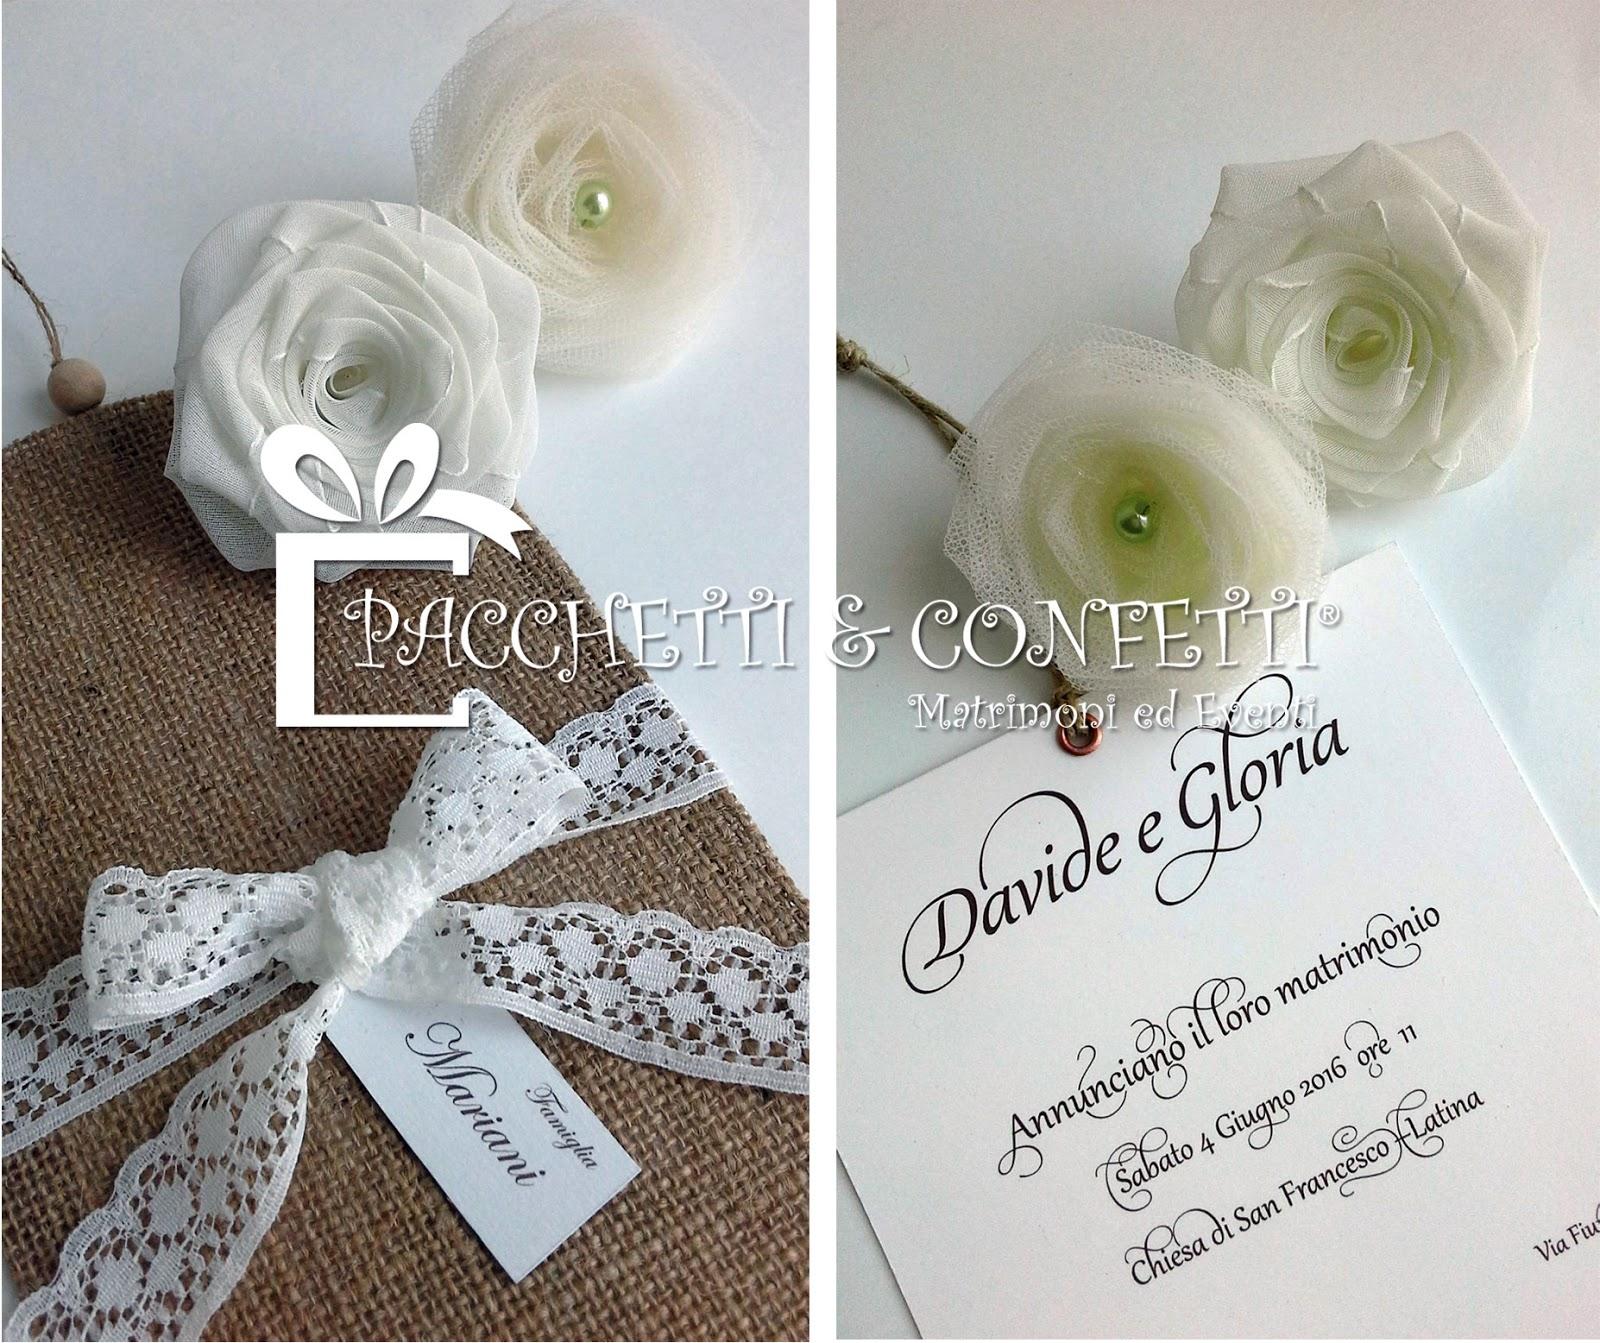 Partecipazioni Matrimonio In Juta : Pacchetti e confetti nuove partecipazioni nozze juta